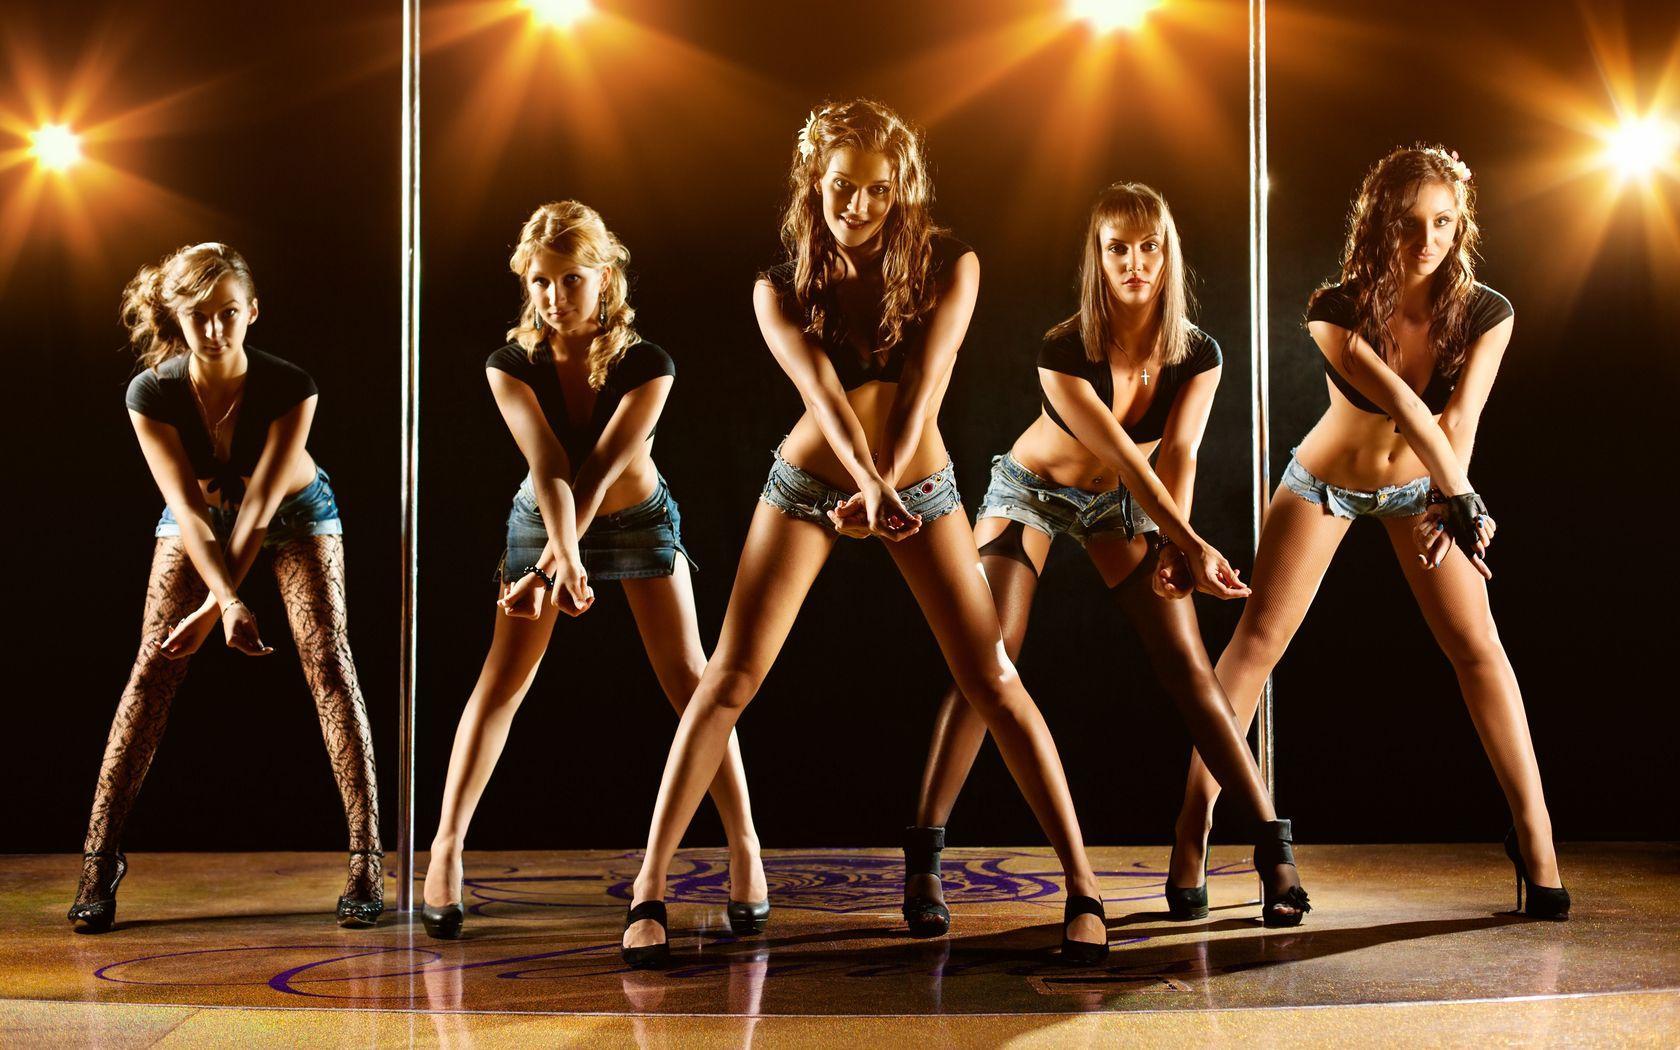 gou-gou-tantsovshitsi-erotichnie-tantsi